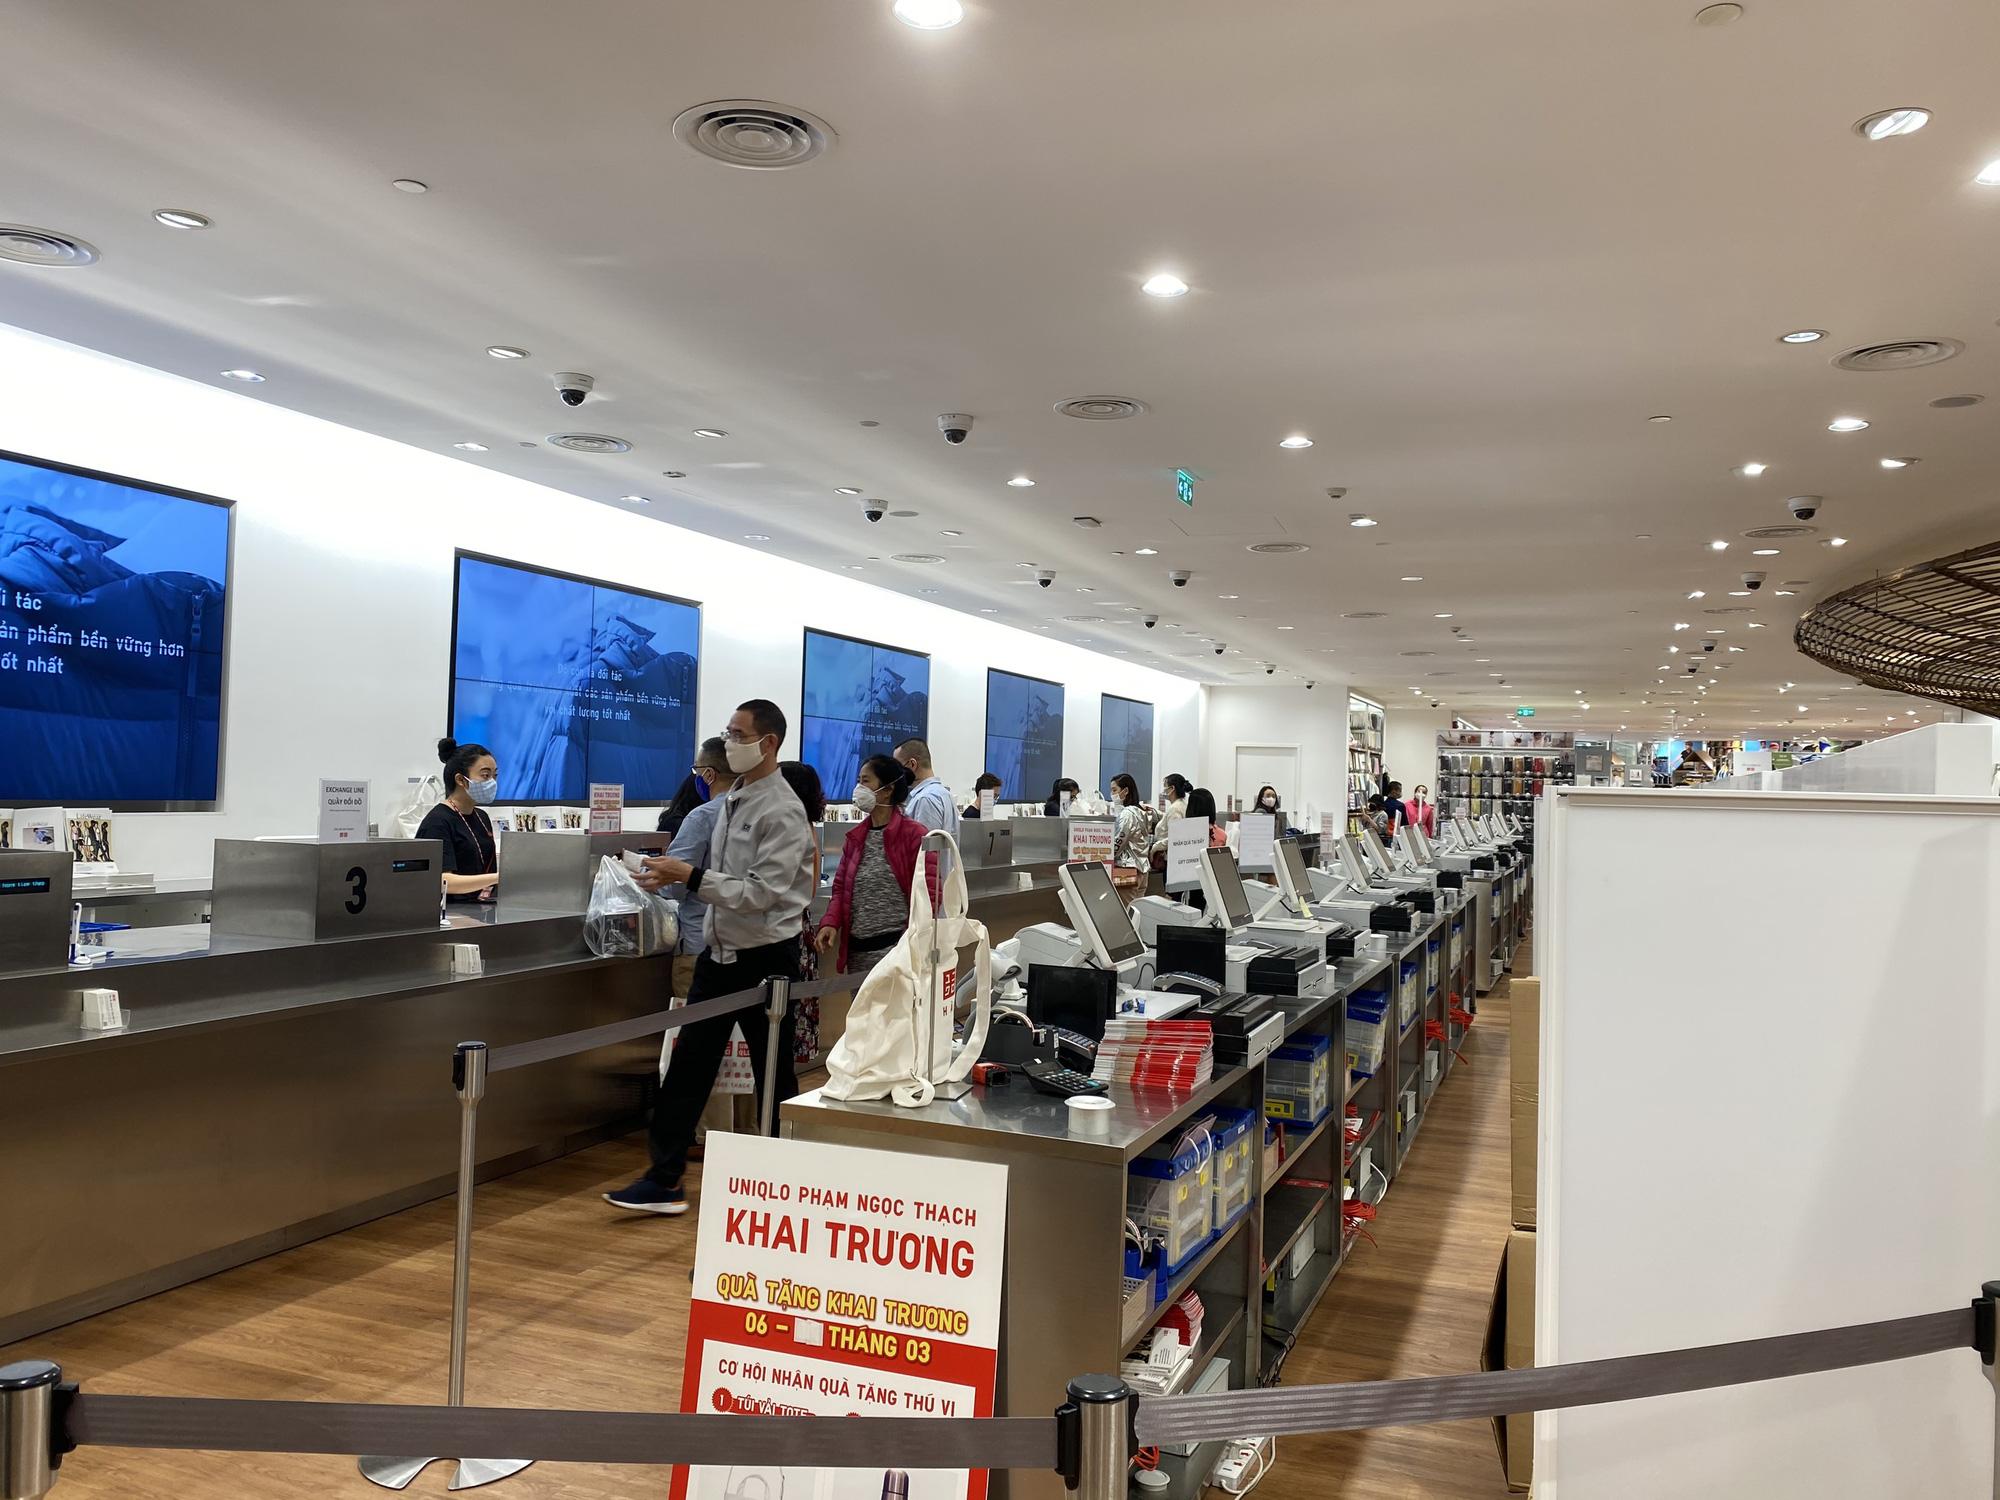 Uniqlo Hà Nội sau 1 tuần khai trương, khách hàng vẫn tới trải nghiệm mua sắm dù đang có dịch bệnh - Ảnh 15.